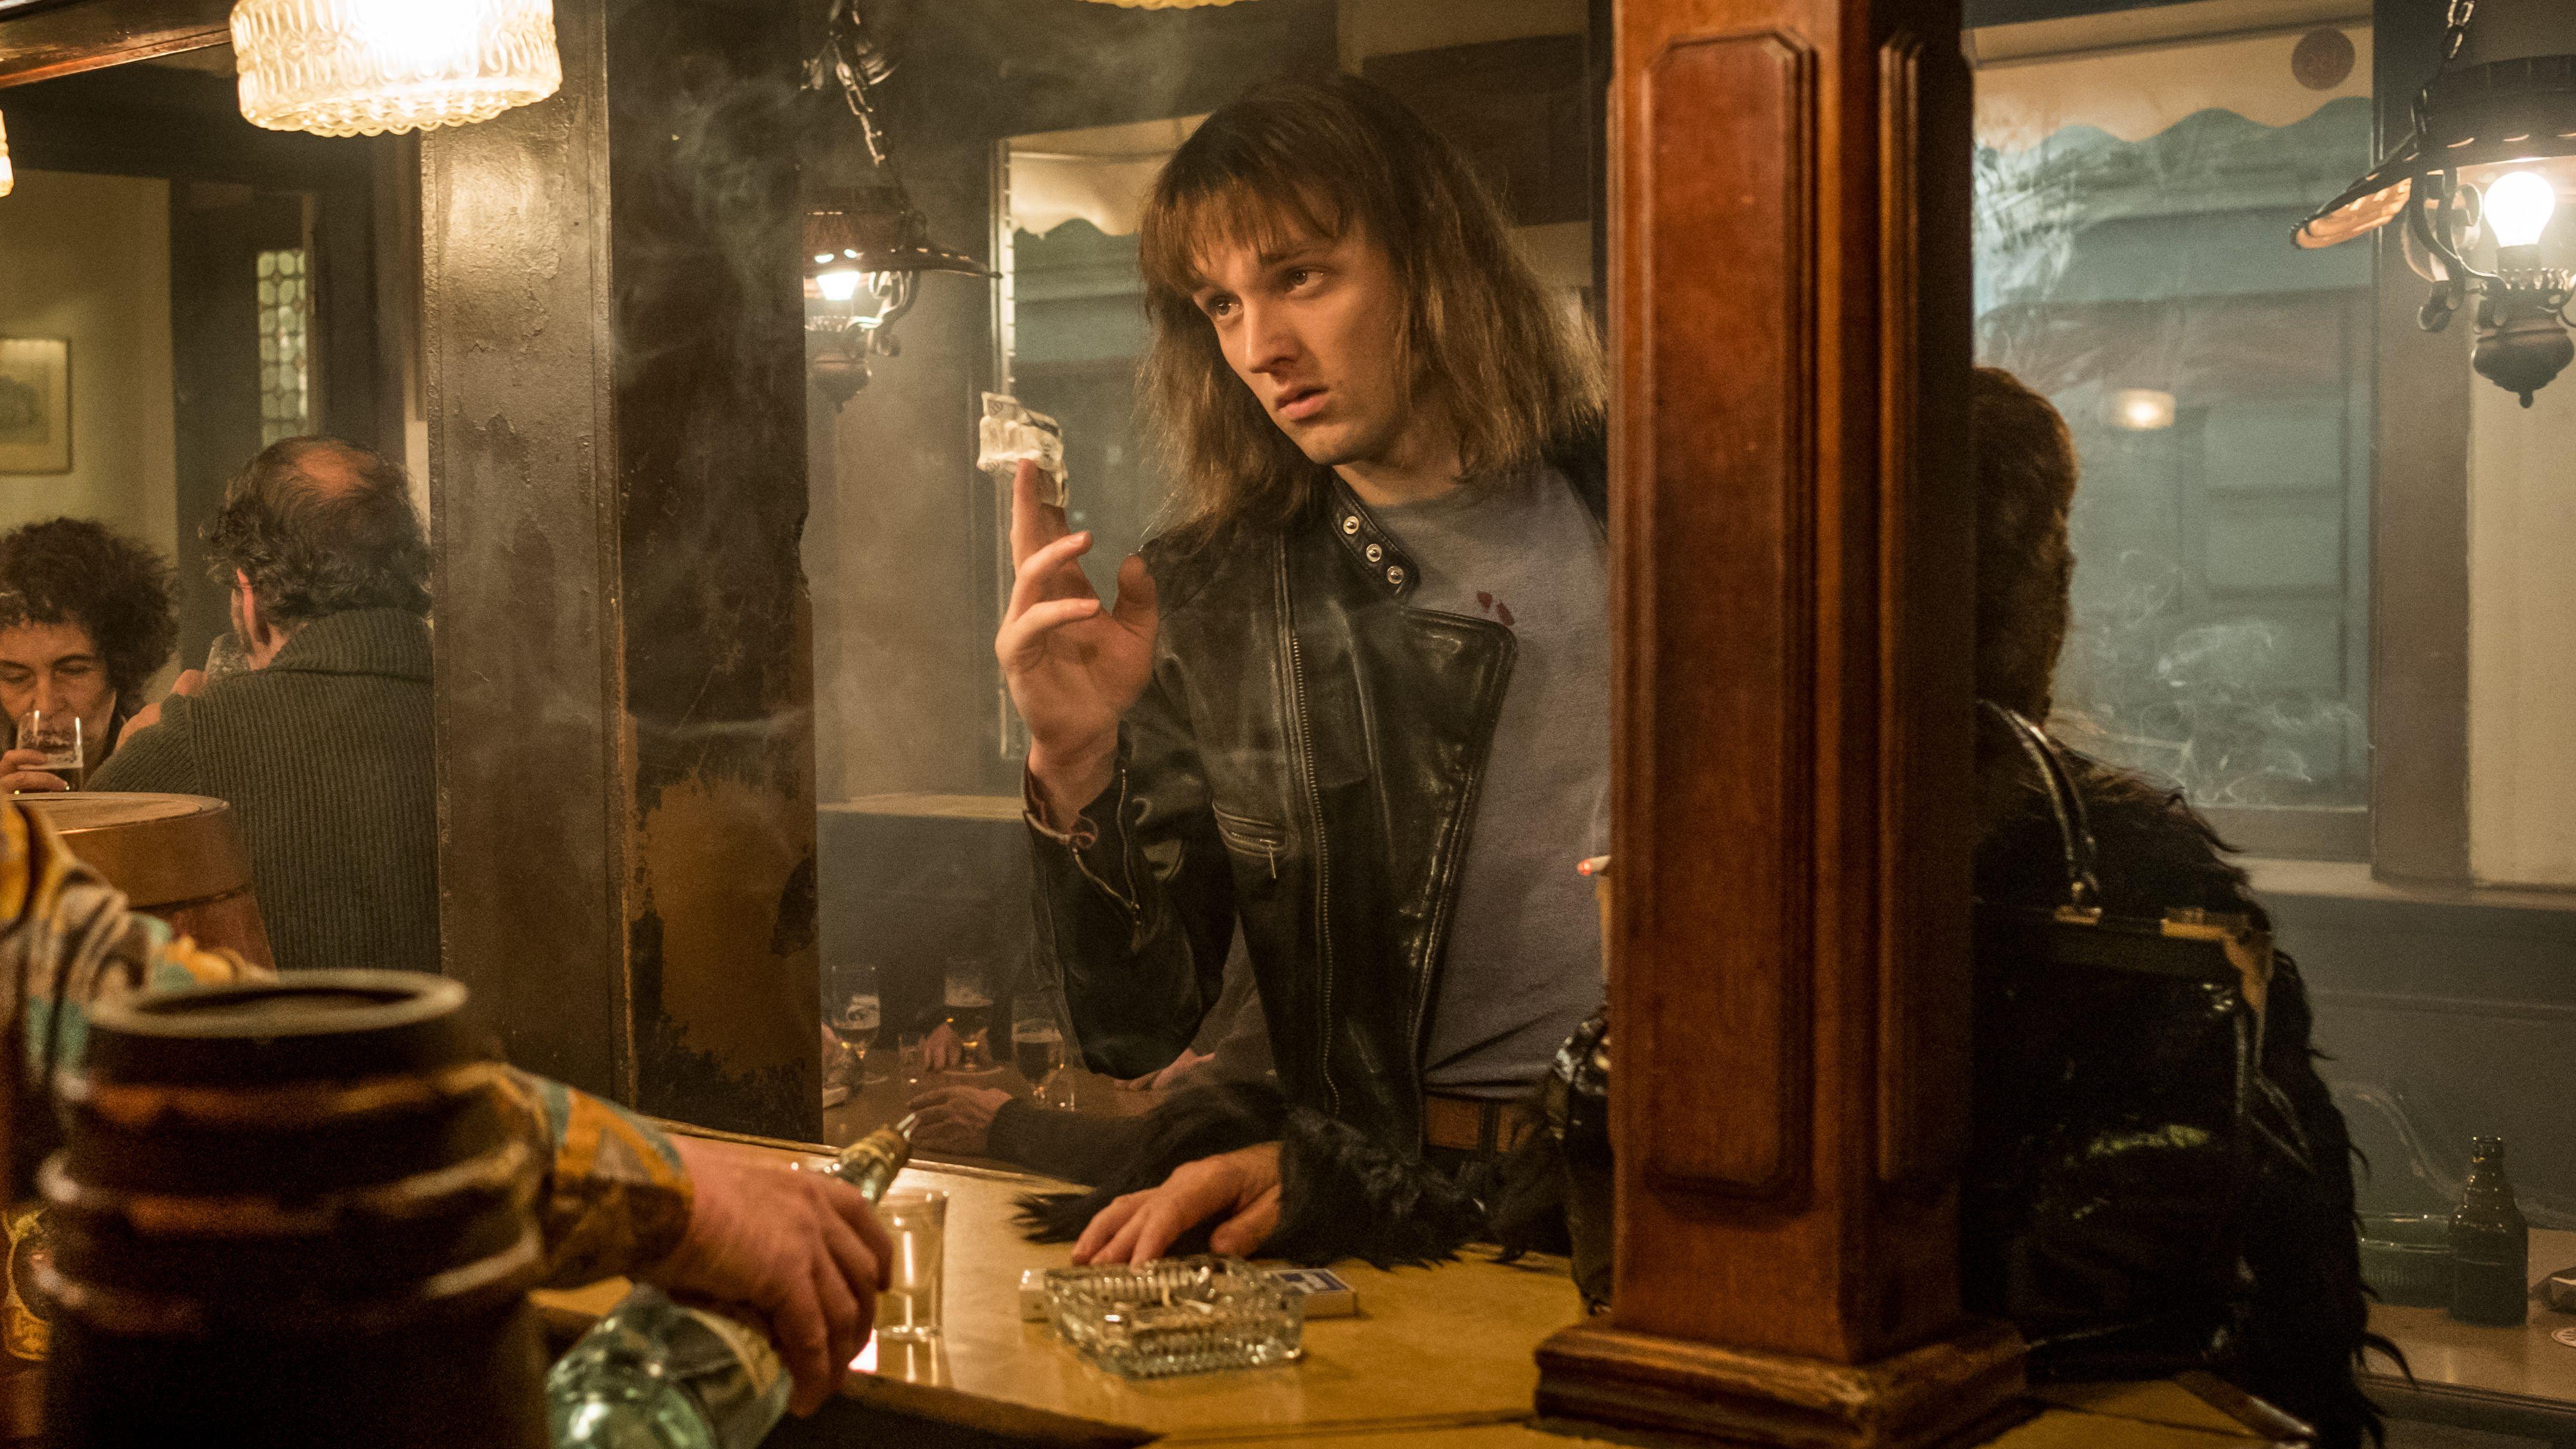 Filmstill: Jan Bülow bestellt als Udo Lindenberg am Tresen einer verrauchten Kneipe etwas zu Trinken